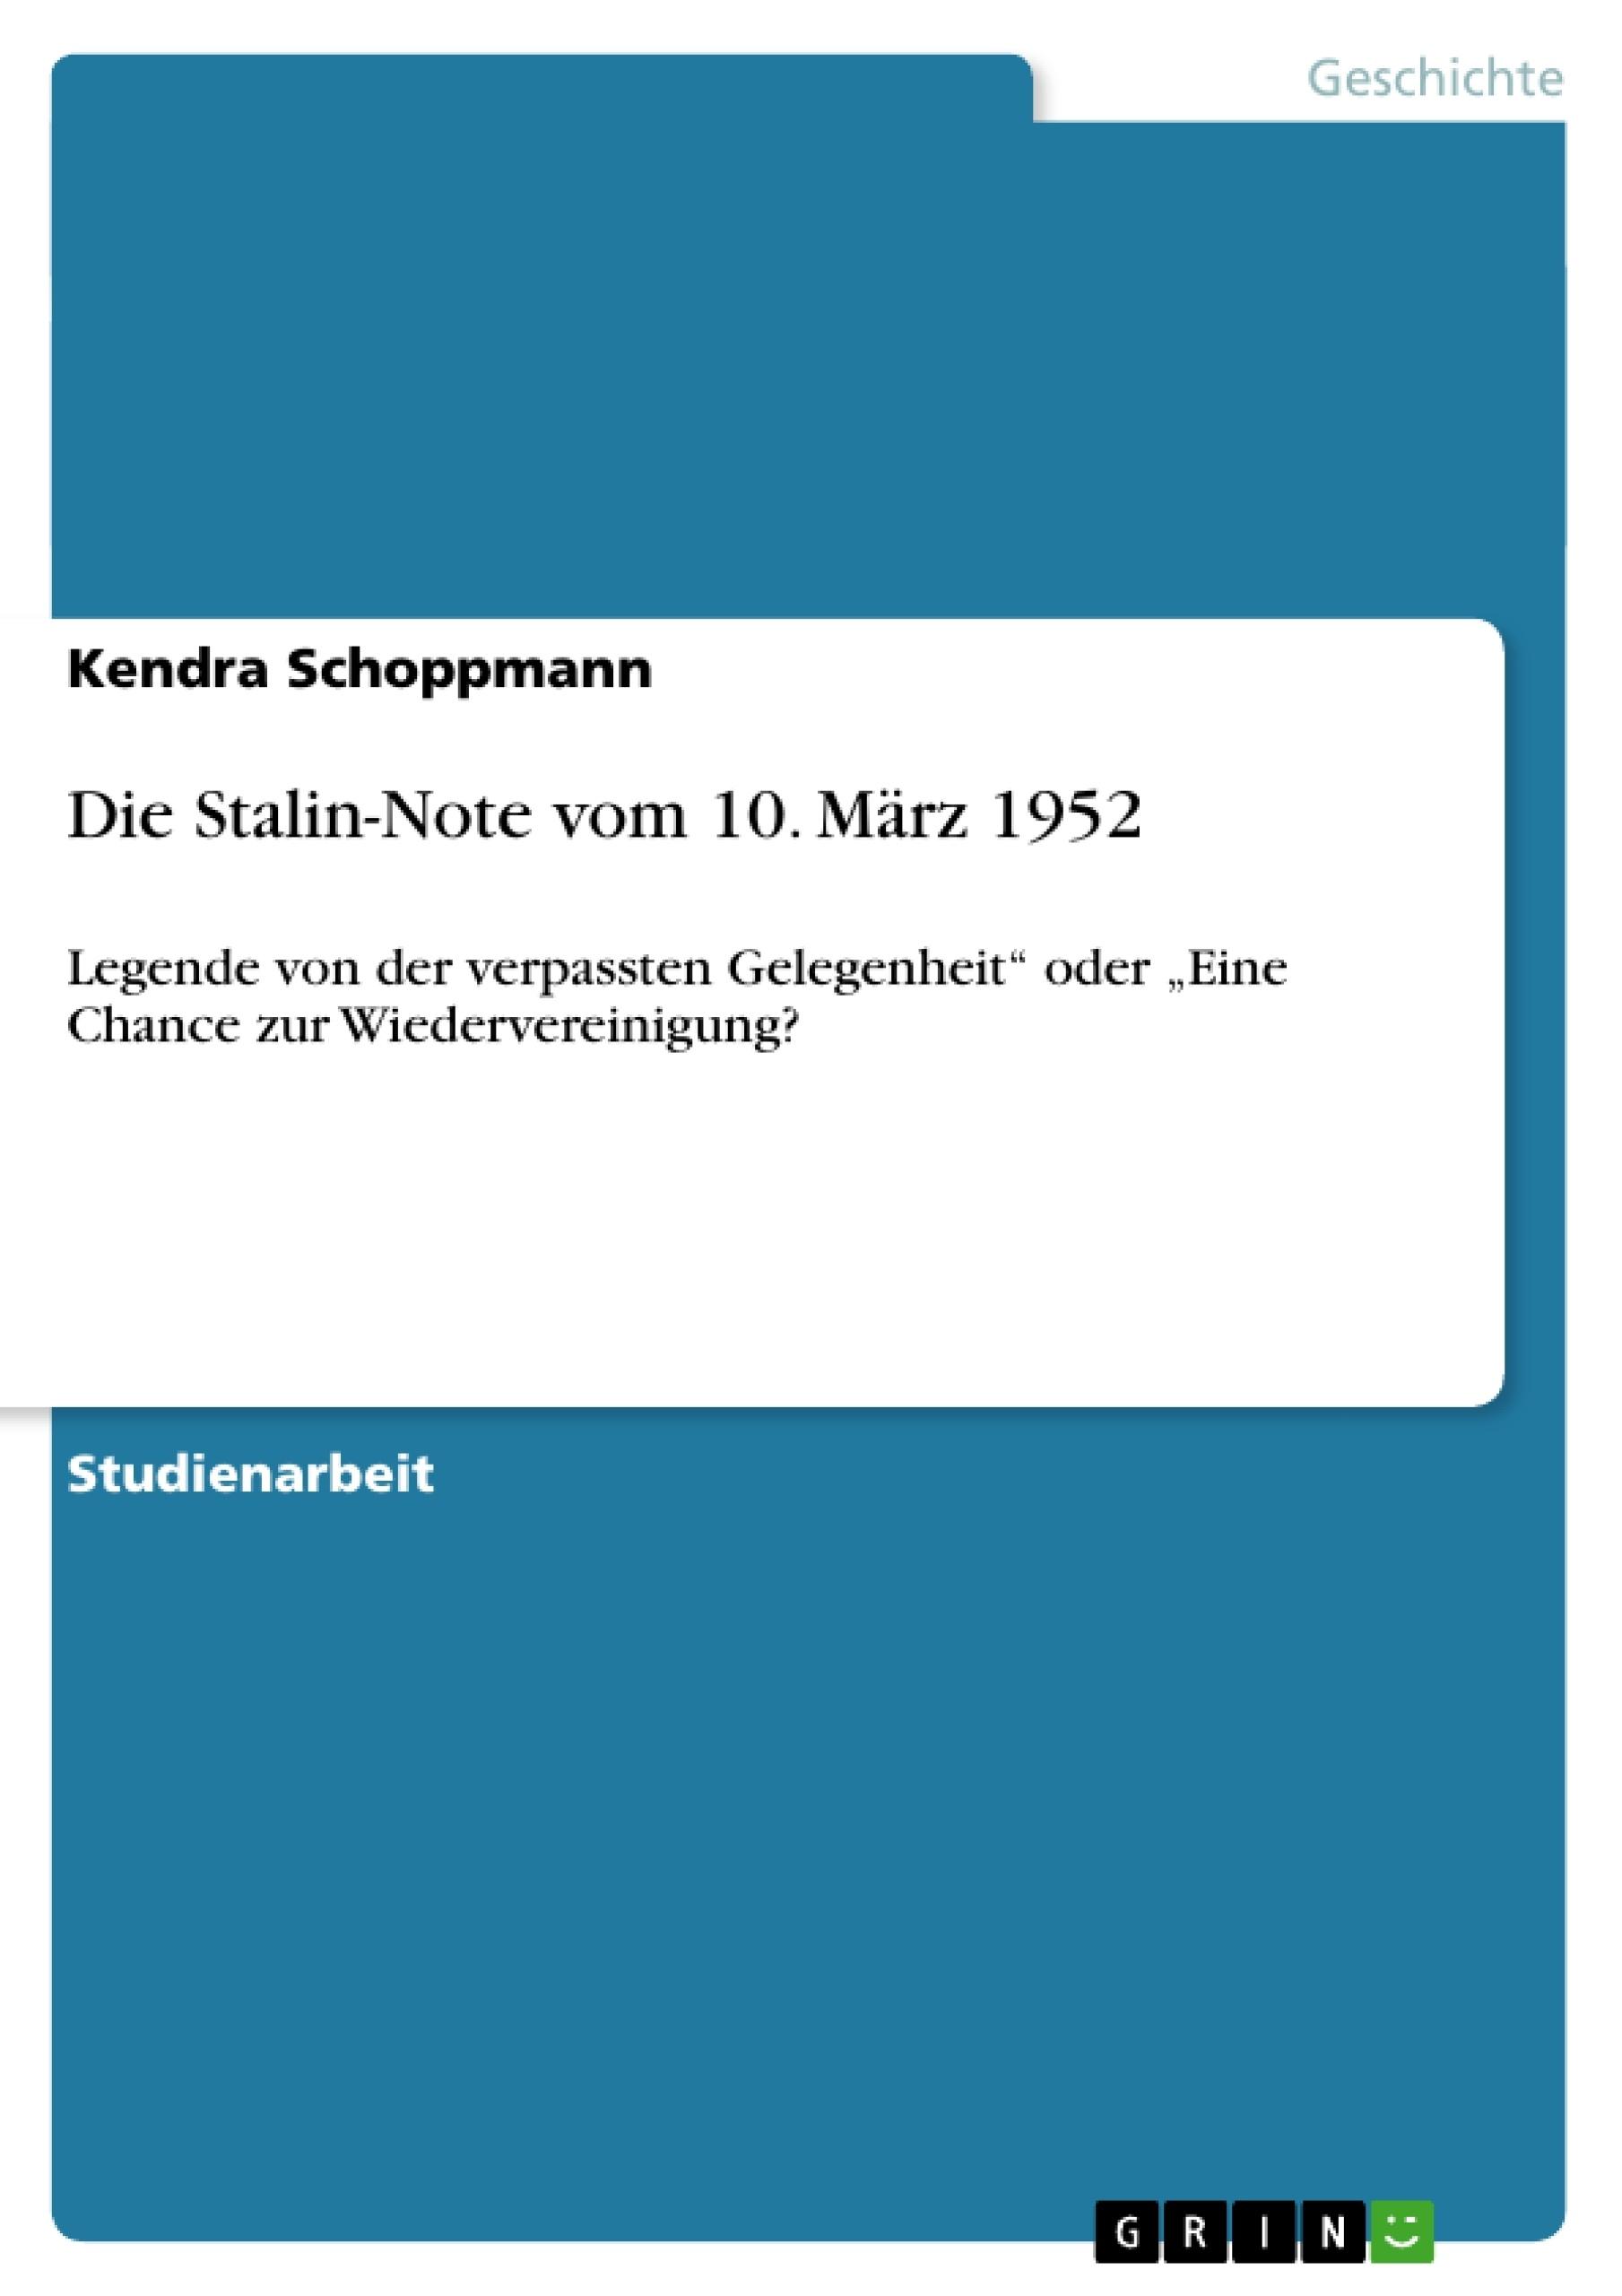 Titel: Die Stalin-Note vom 10. März 1952